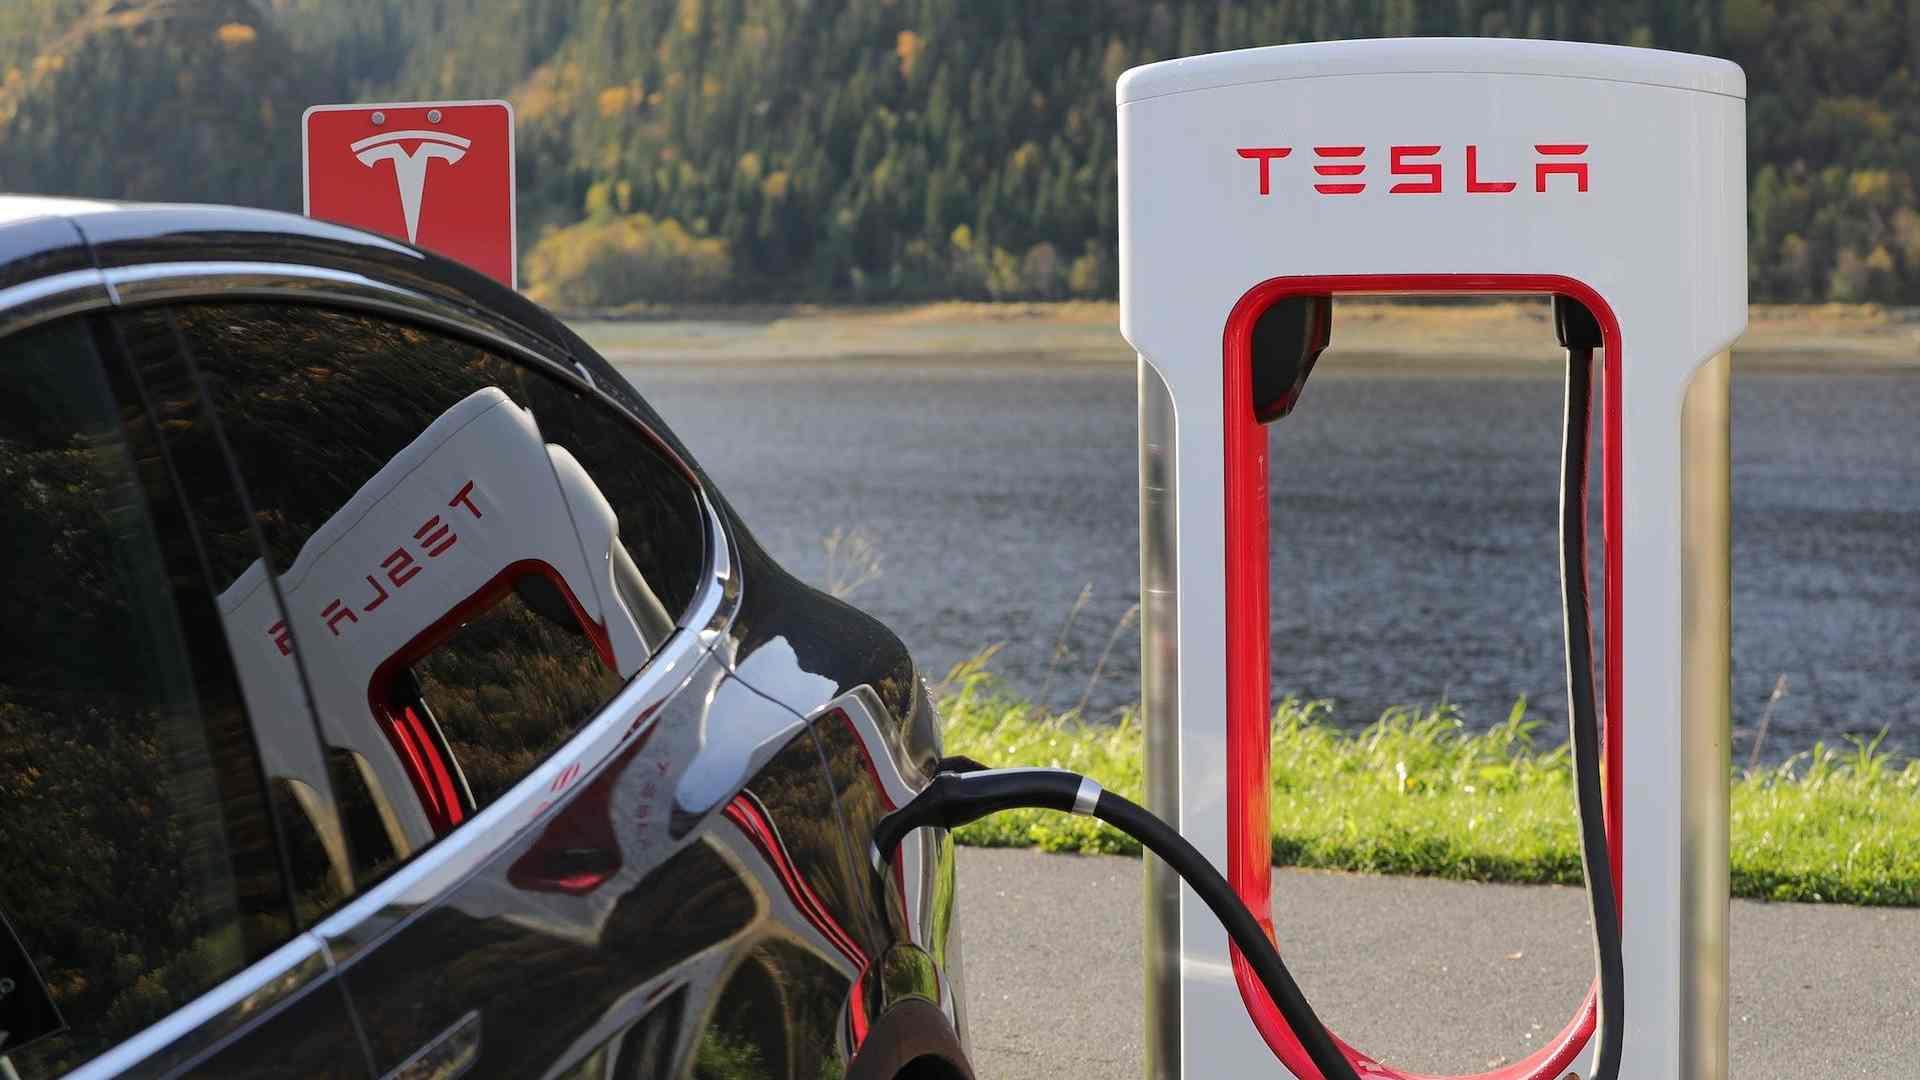 Depuis mars, la NHTSA a intensifié ses enquêtes sur Teslas, envoyant des équipes sur trois accidents.  Image: Blomst via Pixabay